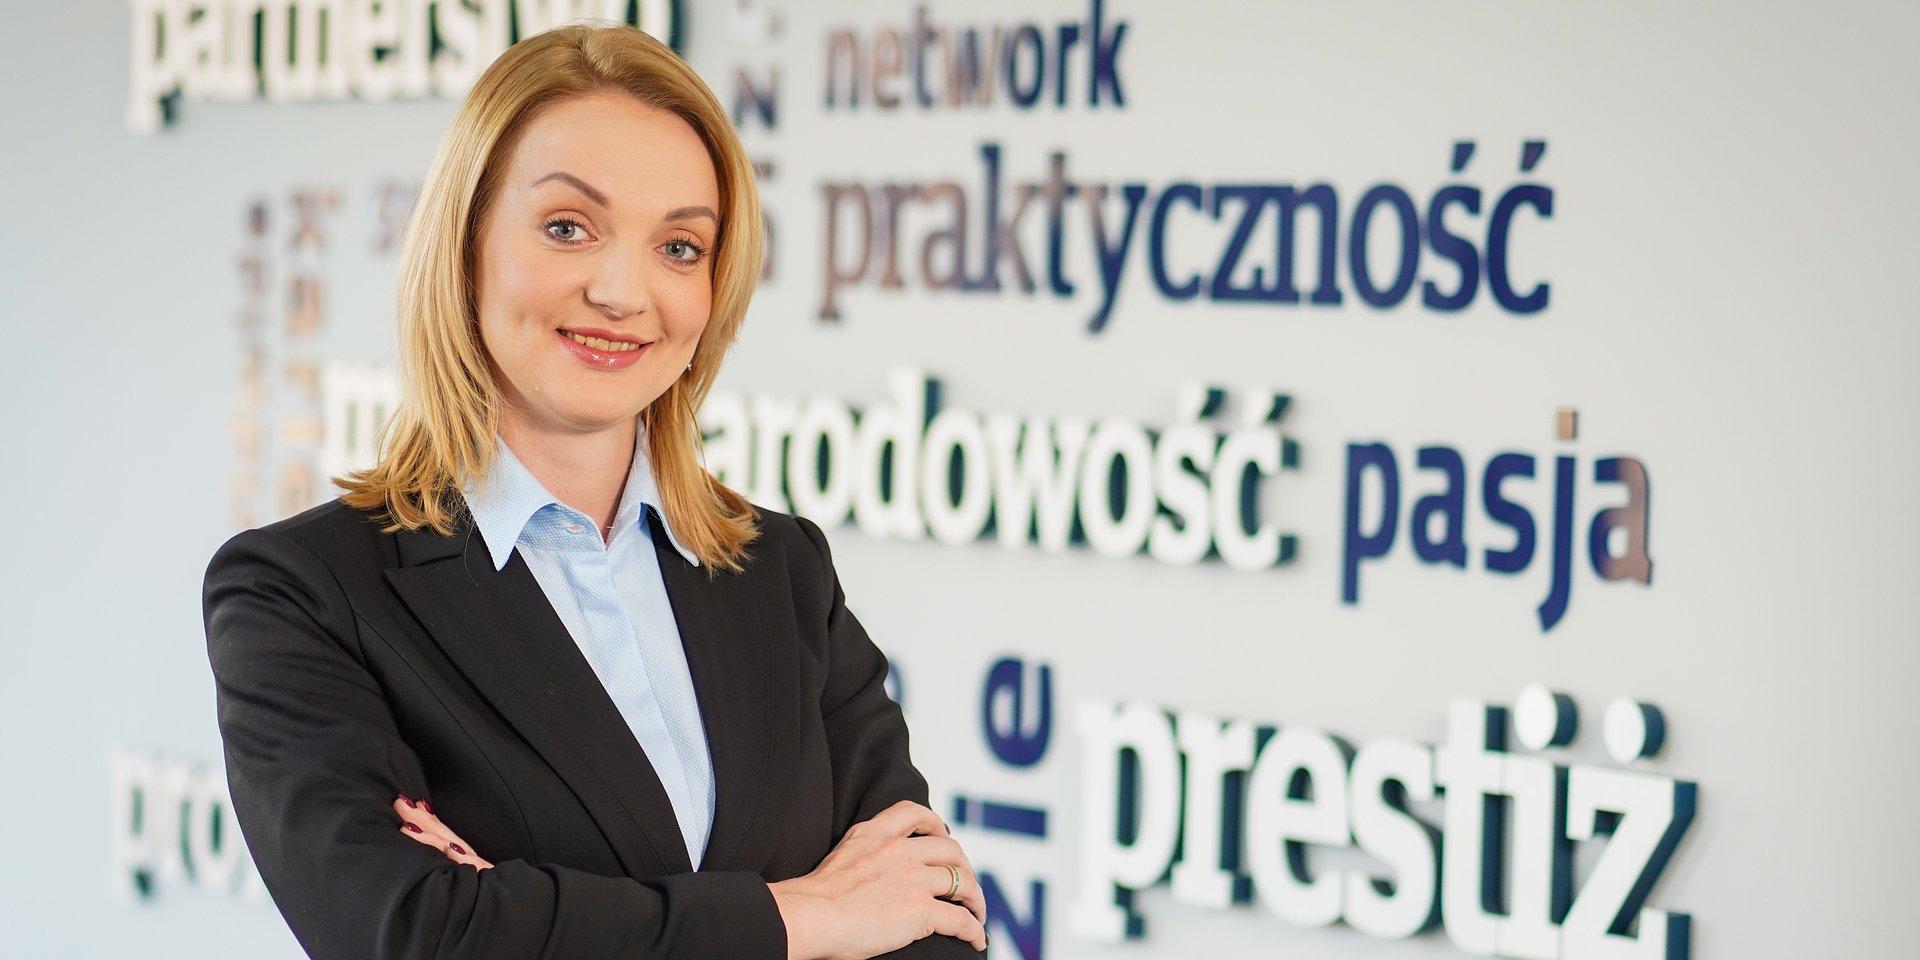 ekonomia: dr Agnieszka Gawlik